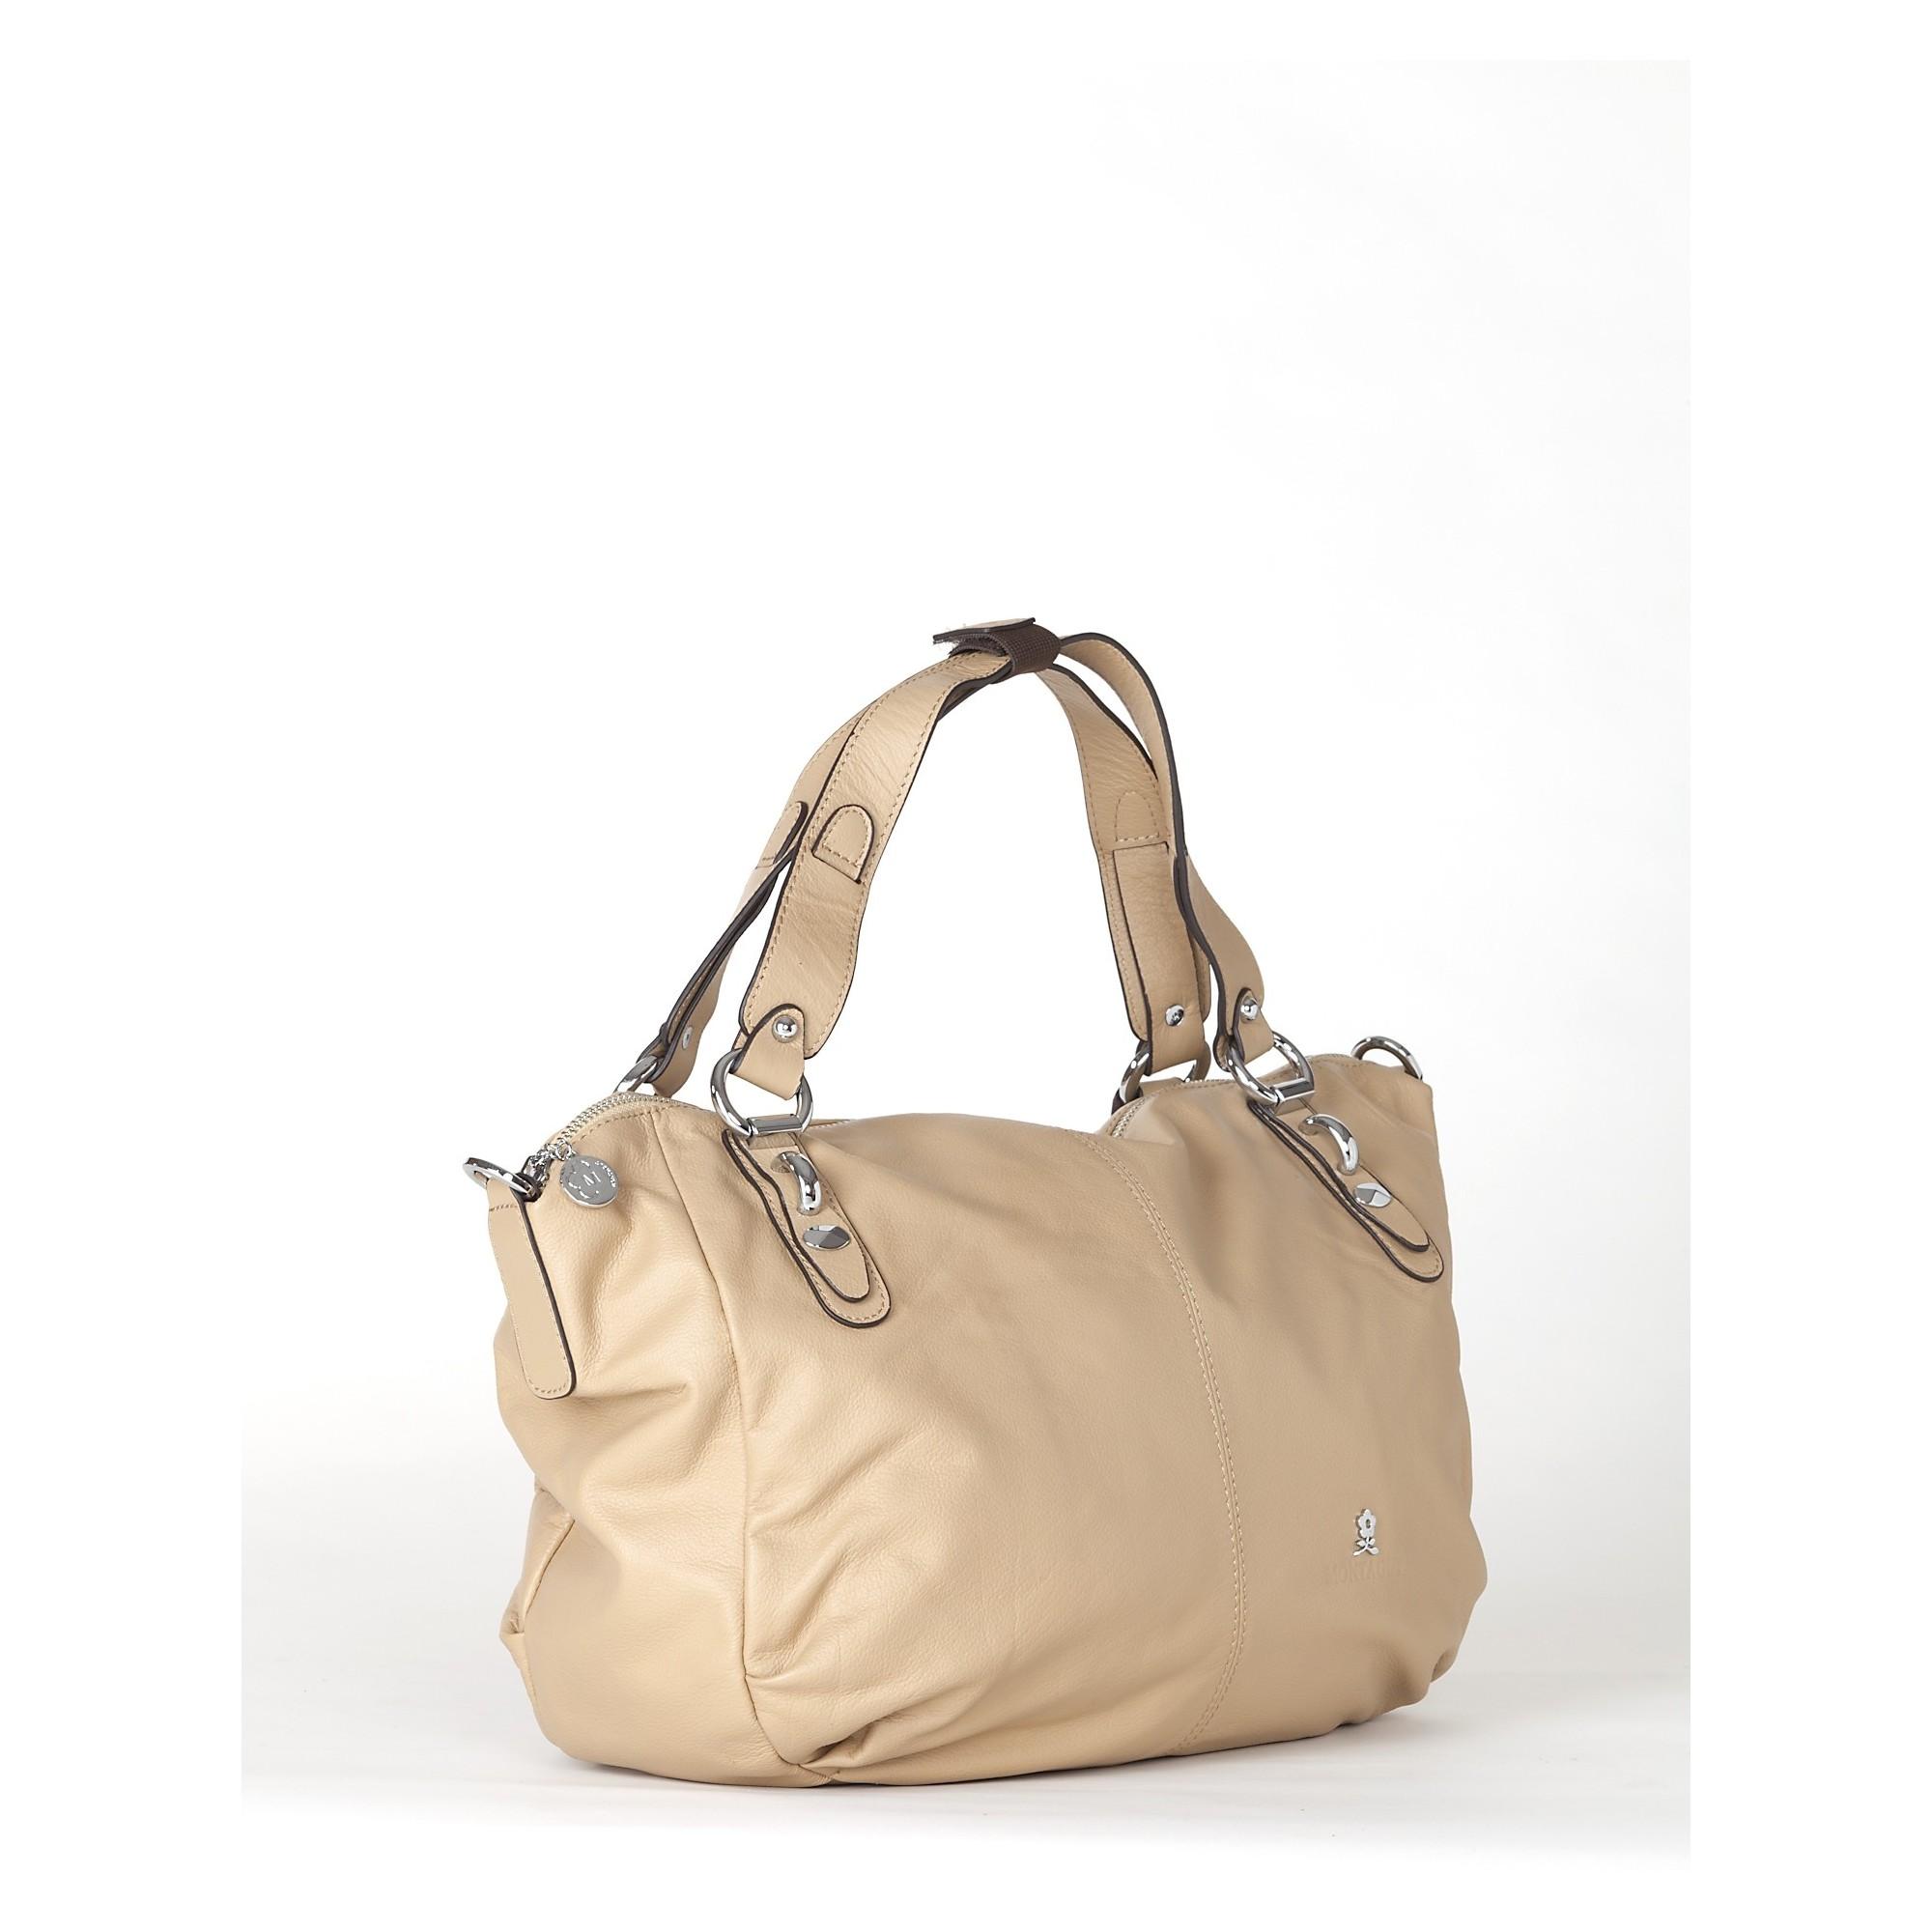 sac a main femme de couleur beige sac a main en cuir pour. Black Bedroom Furniture Sets. Home Design Ideas